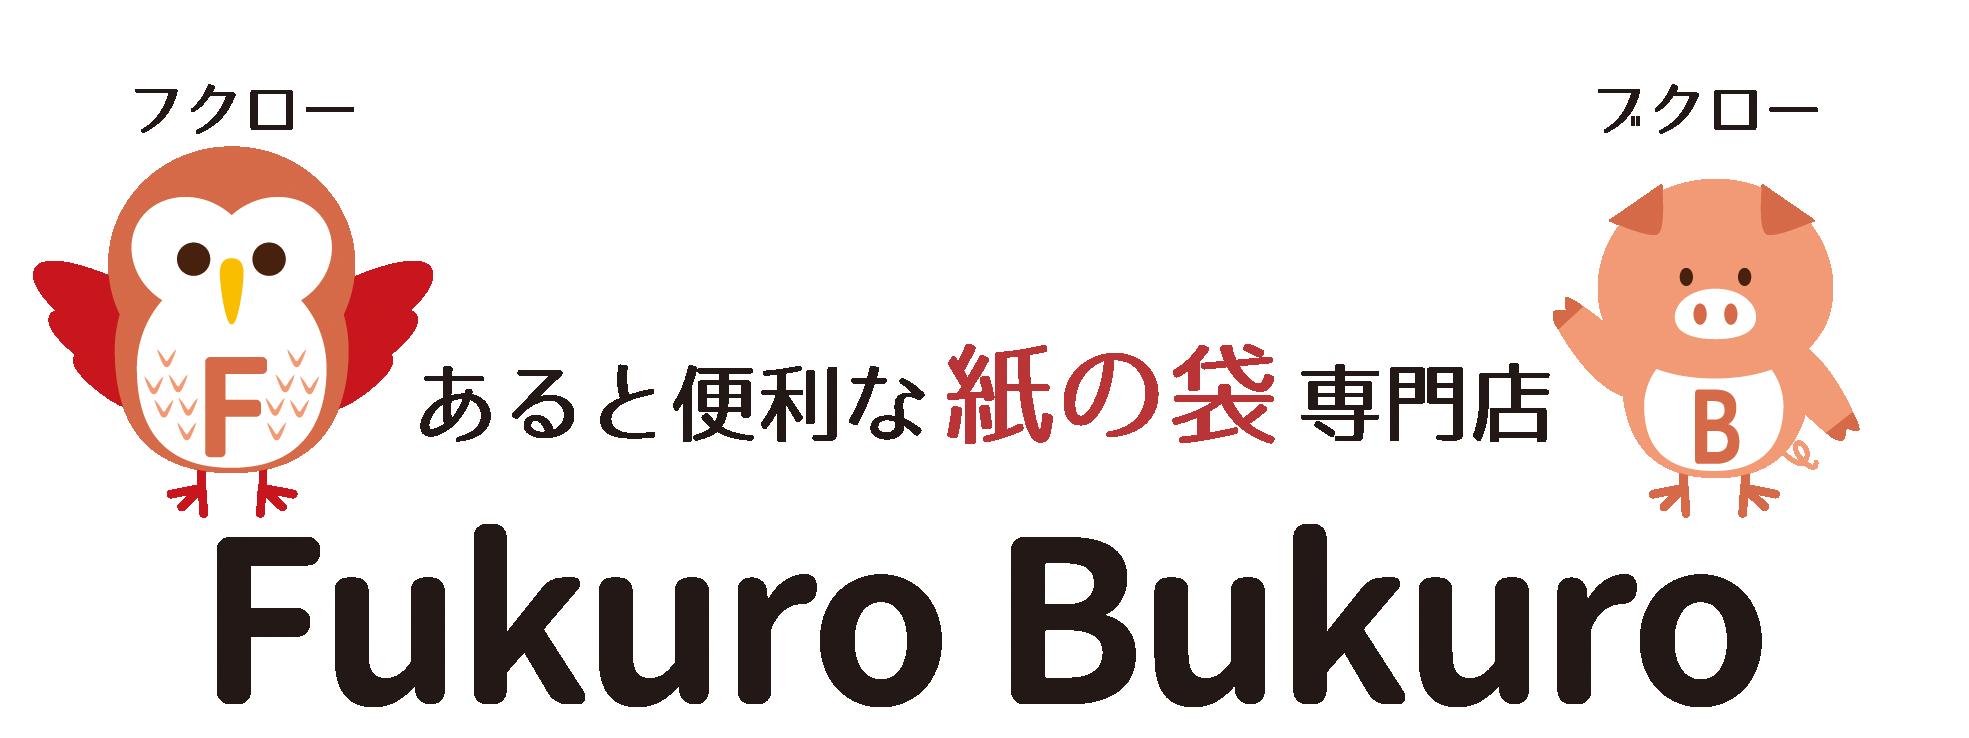 あると便利な紙の袋専門店 Fukuro Bukuro